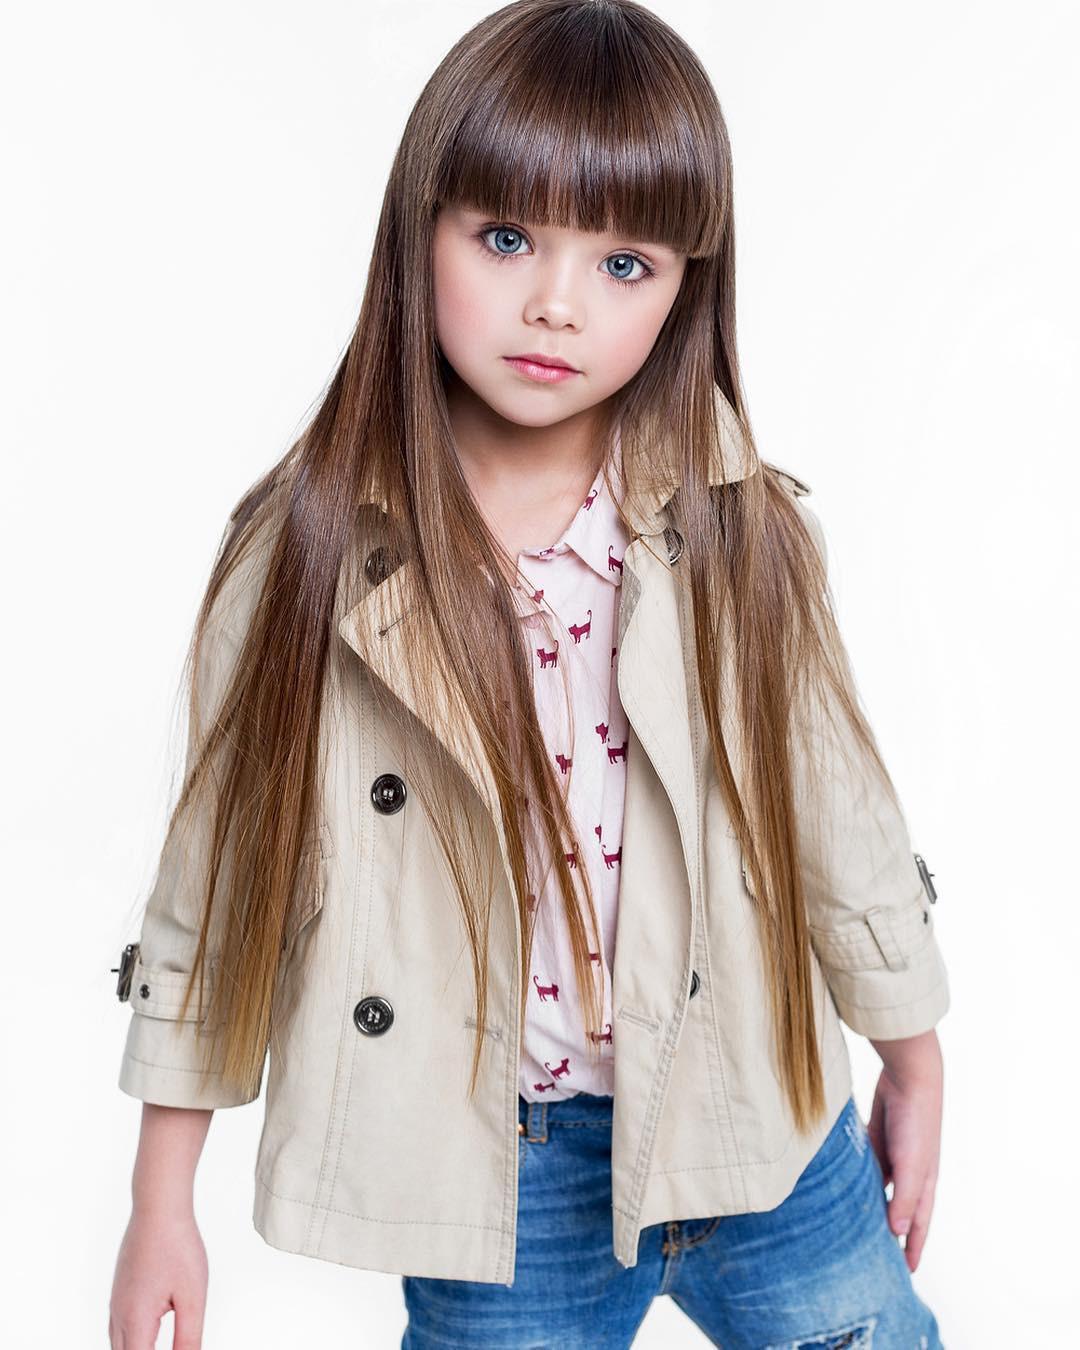 Chiêm ngưỡng dung nhan của bé gái xinh nhất thế giới - Ảnh 9.